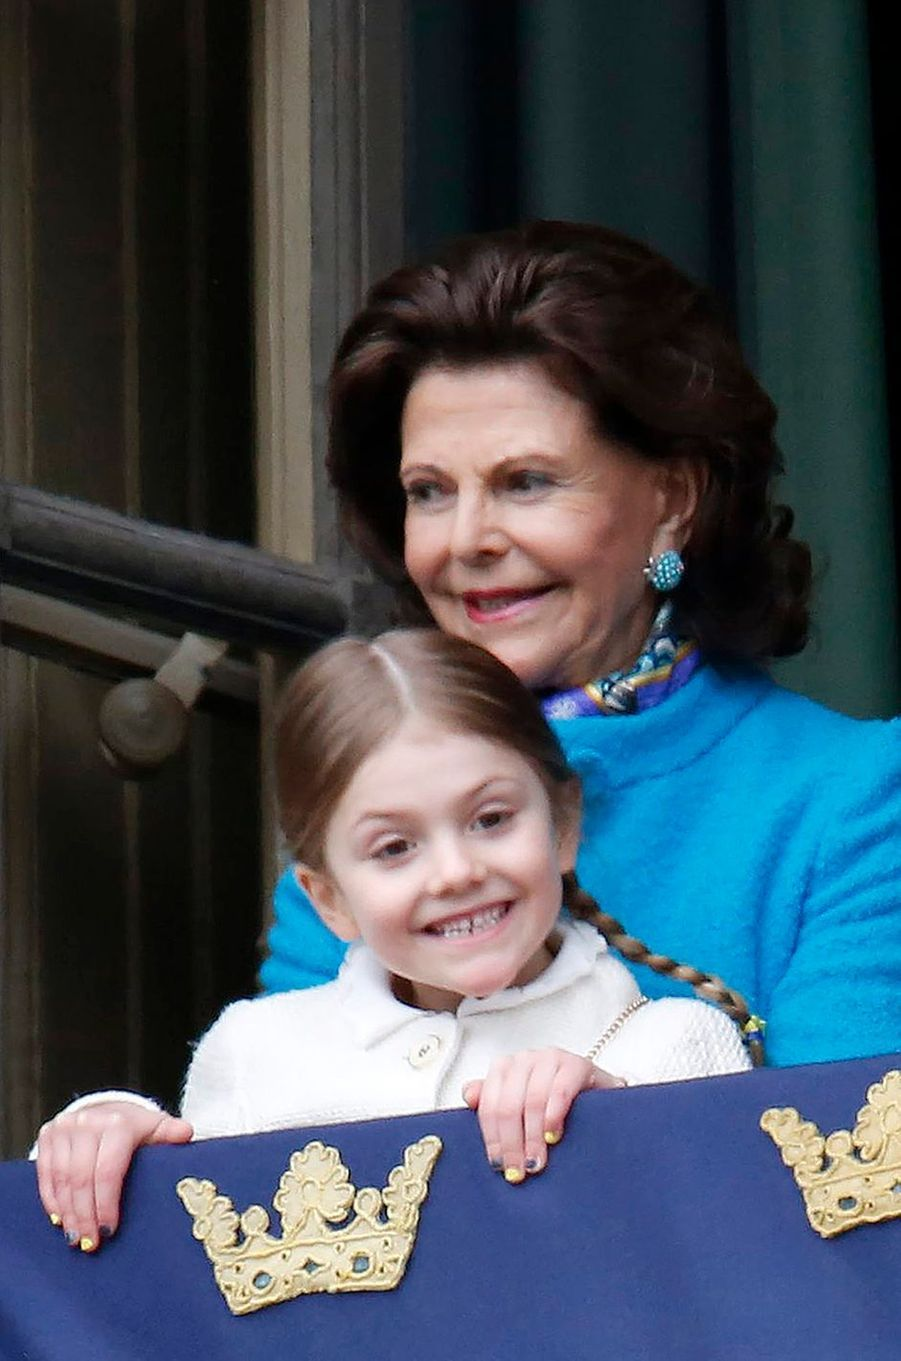 La reineSilvia et la princesse Estelle de Suède à Stockholm, le 30 avril 2018